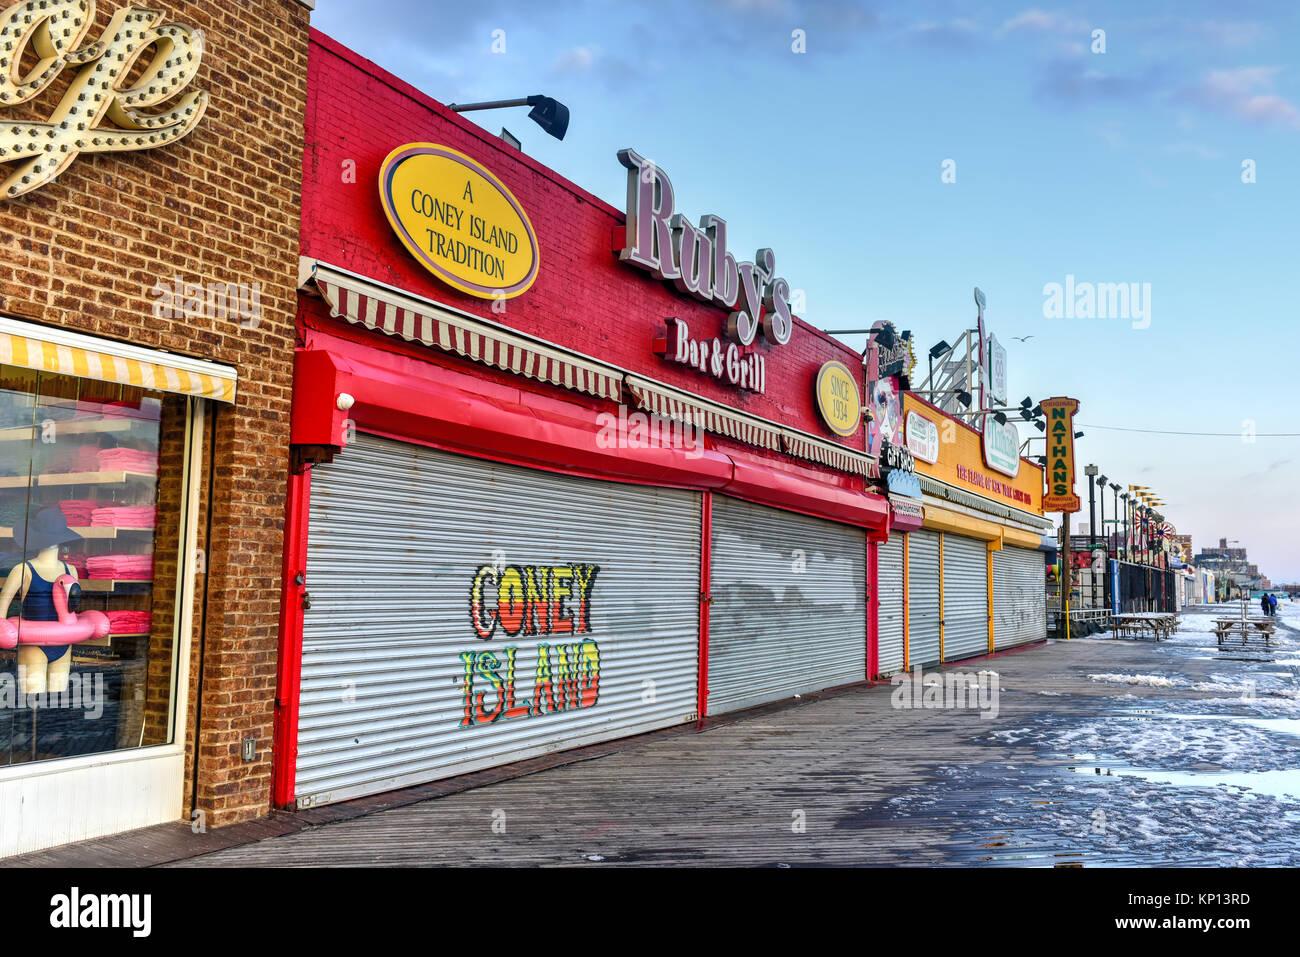 New York City - Dezember 10, 2017: geschlossene Geschäfte entlang der Promenade in Coney Island im Winter. Stockbild